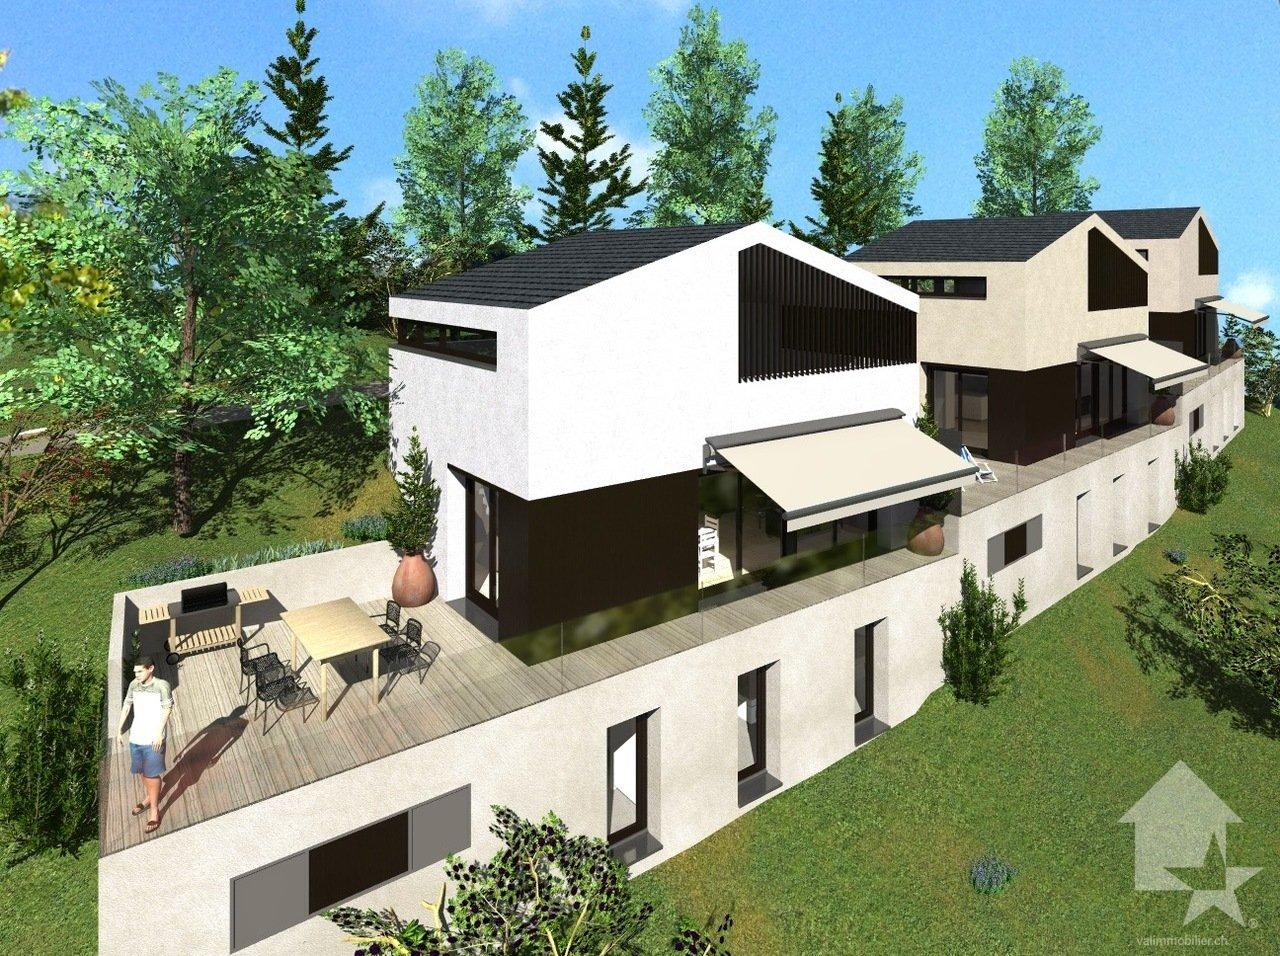 House in Saint-Romain (Ayent), Valais, Switzerland 1